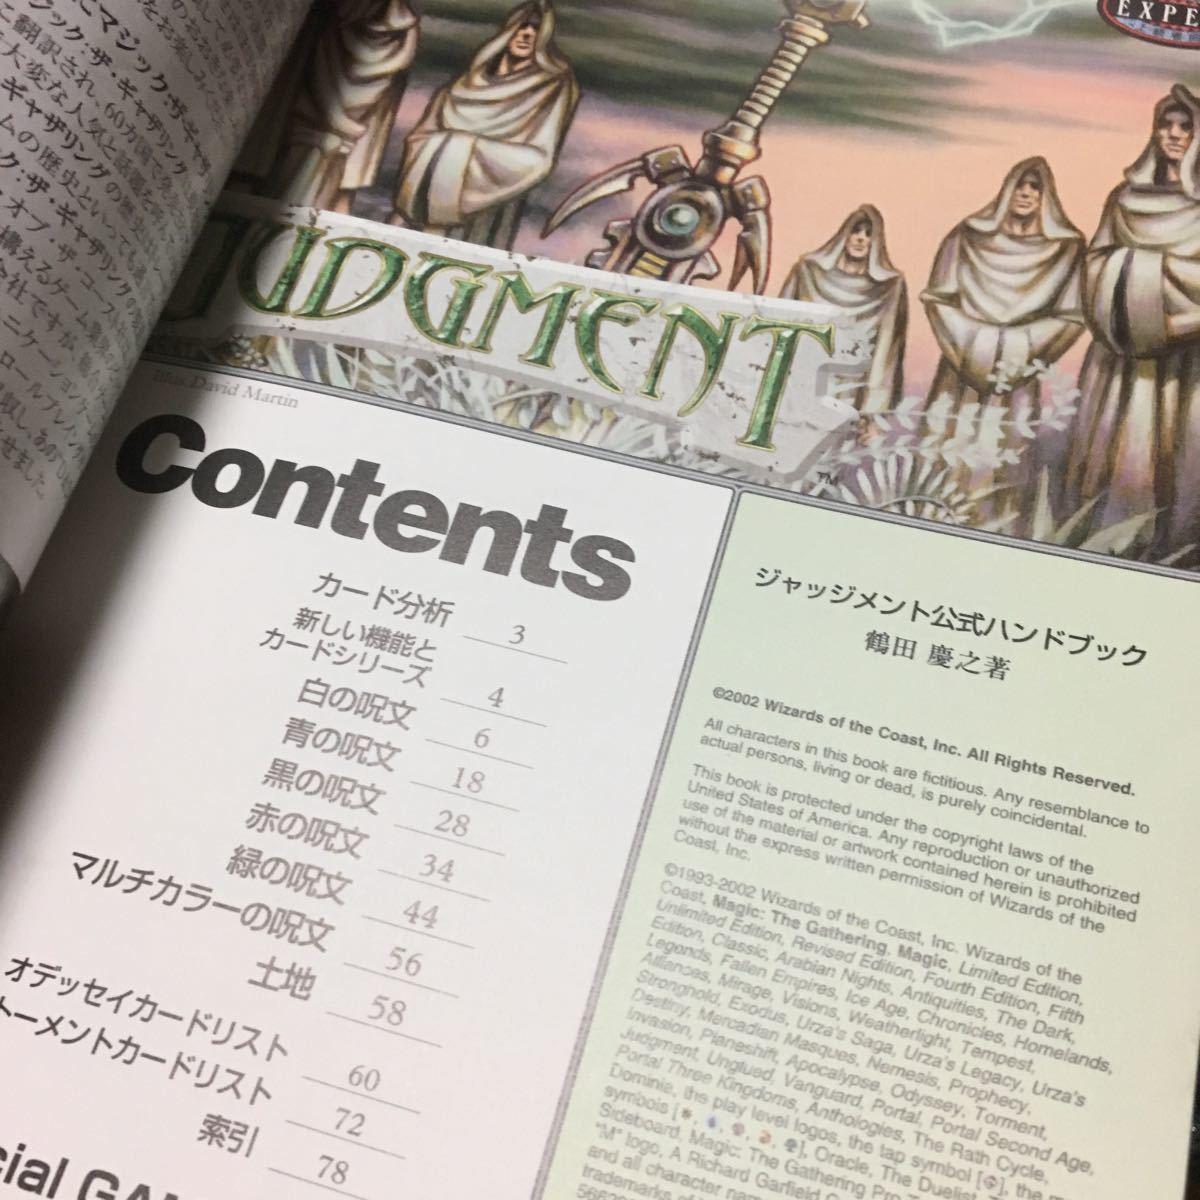 【JUDGEMENT 公式ハンドブック】MAGIC ジャッジメント オフィシャル ガイド 2002年 鶴田慶之 カードゲーム ホビー 【19/11 A-1】_画像5